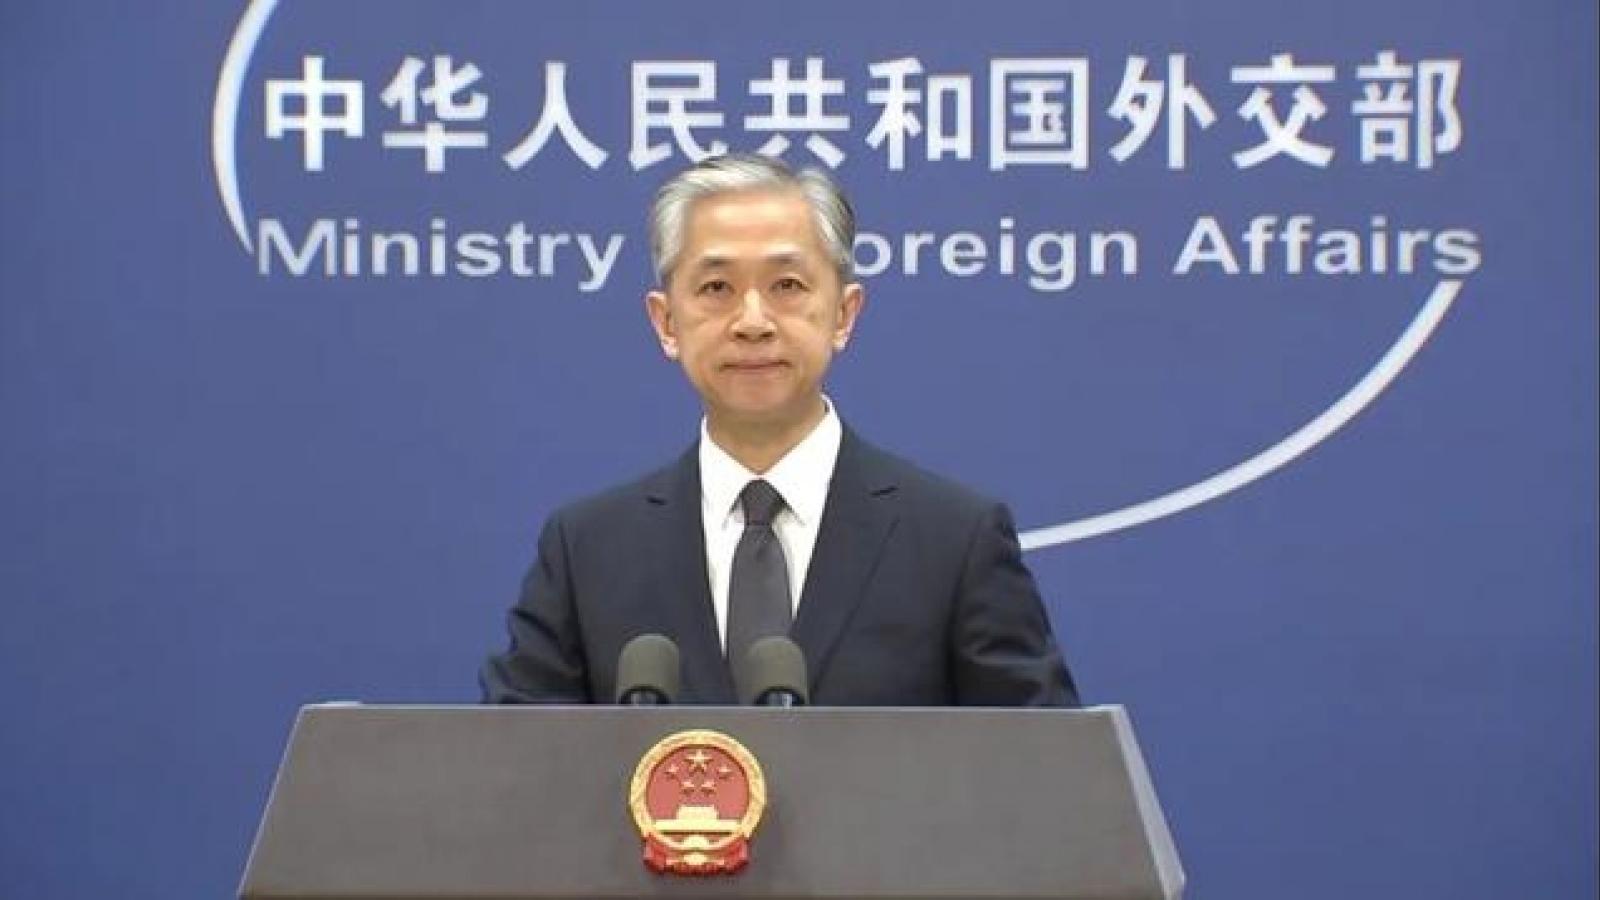 Trung Quốc liên tiếp đưa ra cảnh báo về vấn đề Đài Loan